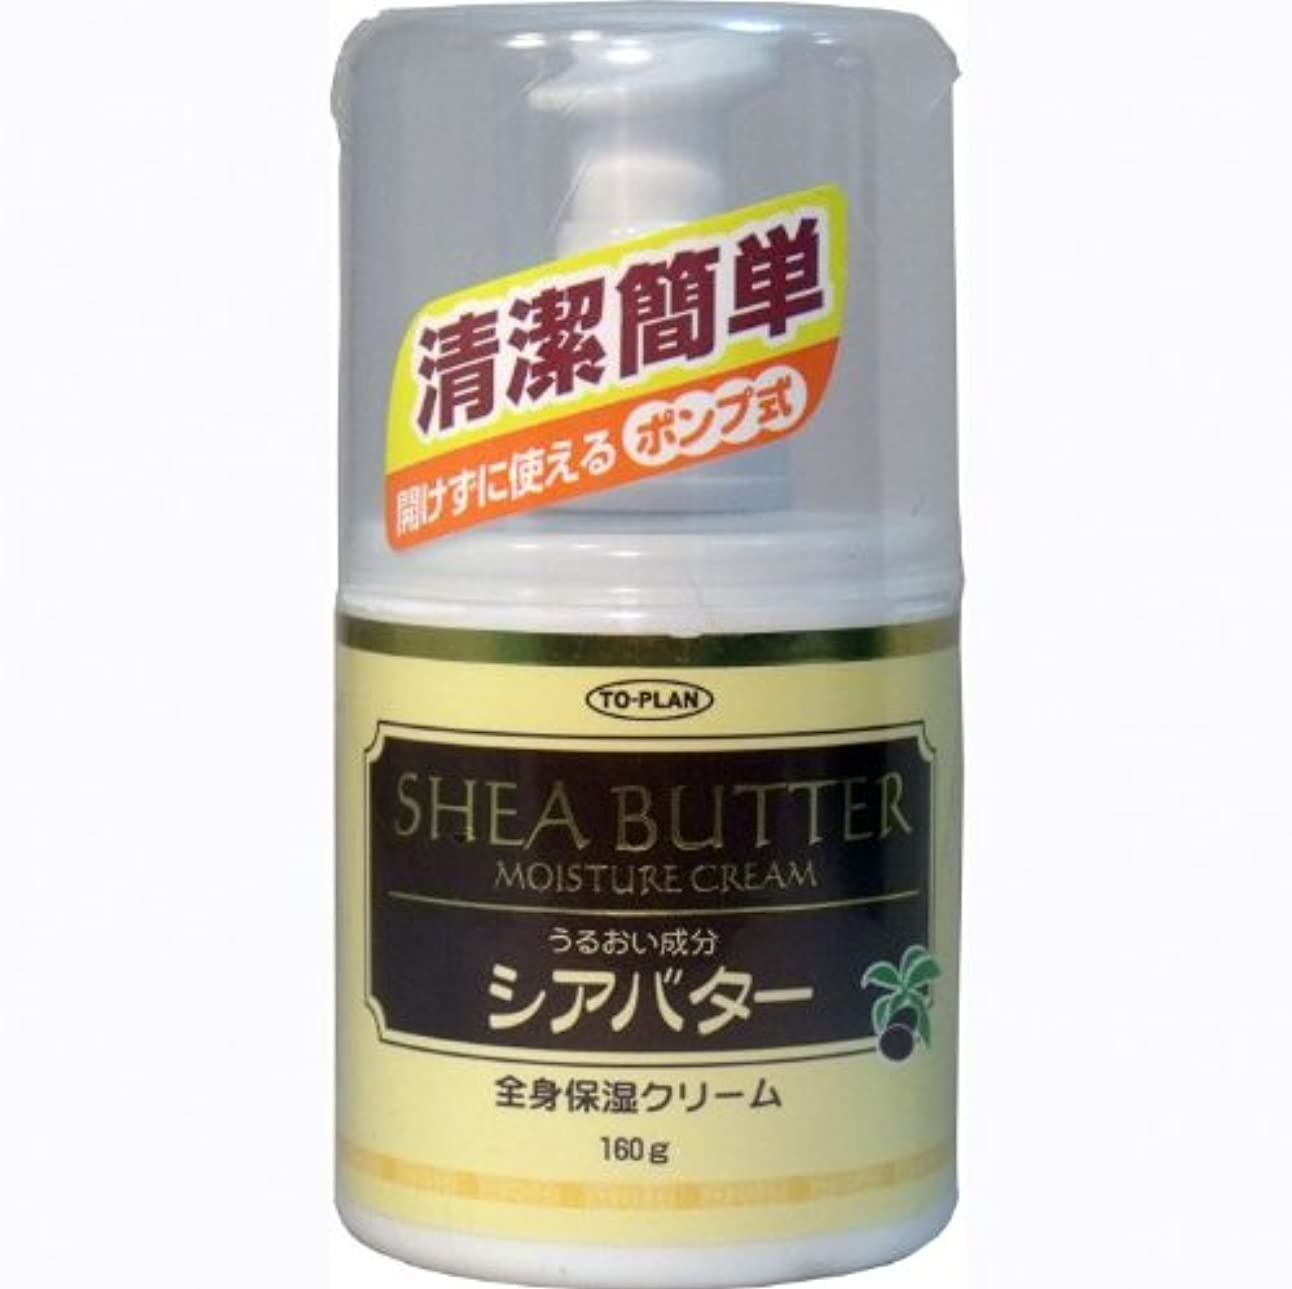 調子レジ華氏トプラン 全身保湿クリーム シアバター ポンプ式 160g【3個セット】